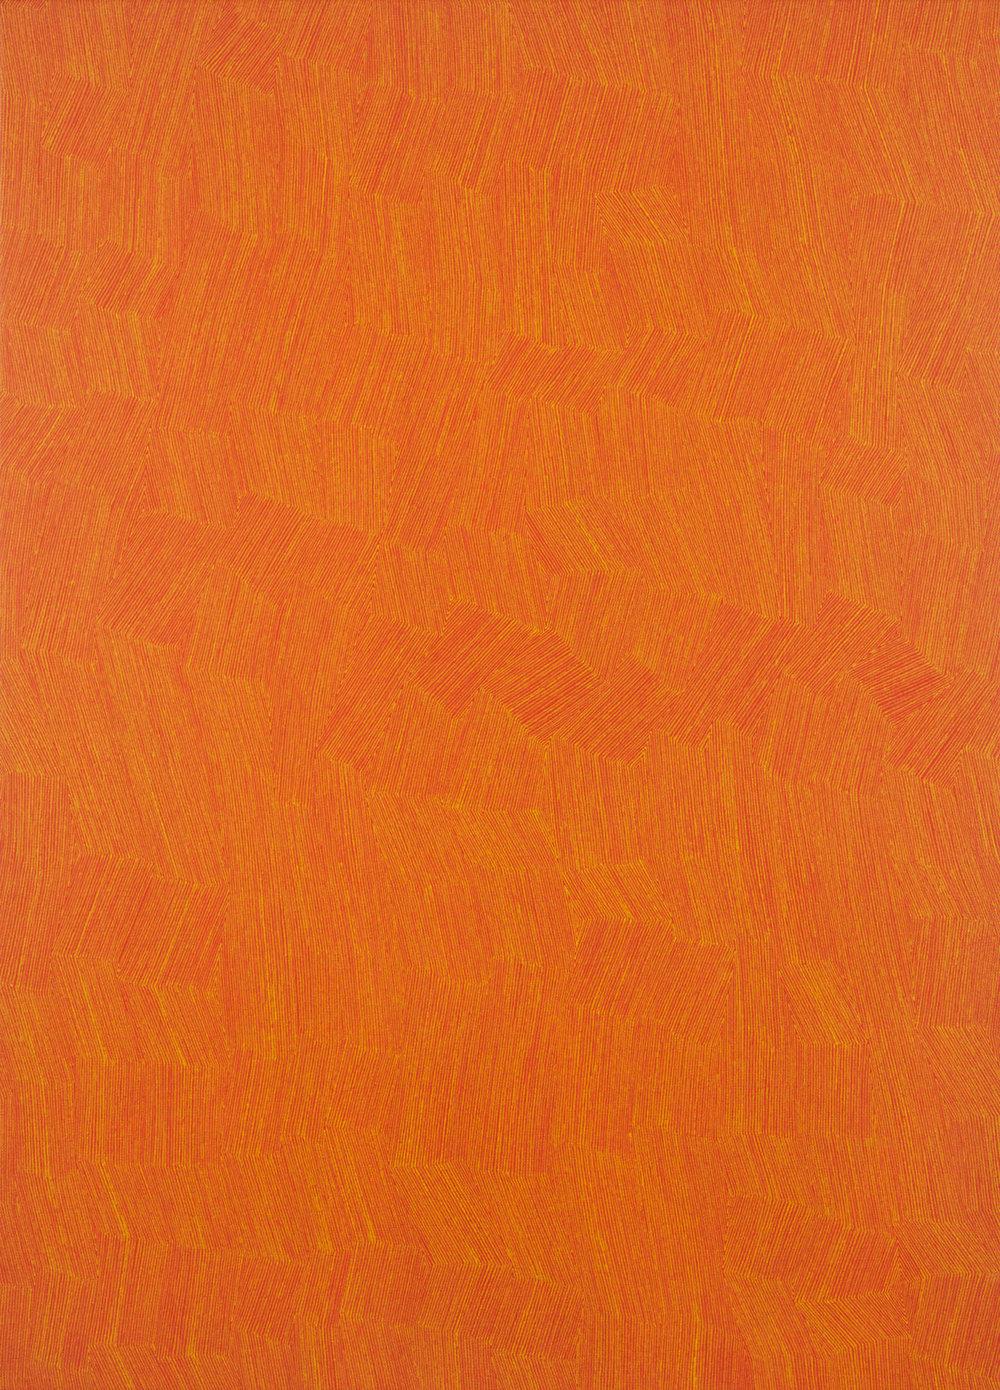 KARL WIEBKE  53-17 yellow on orange , 2017 acrylic on linen 83 x 60 cm